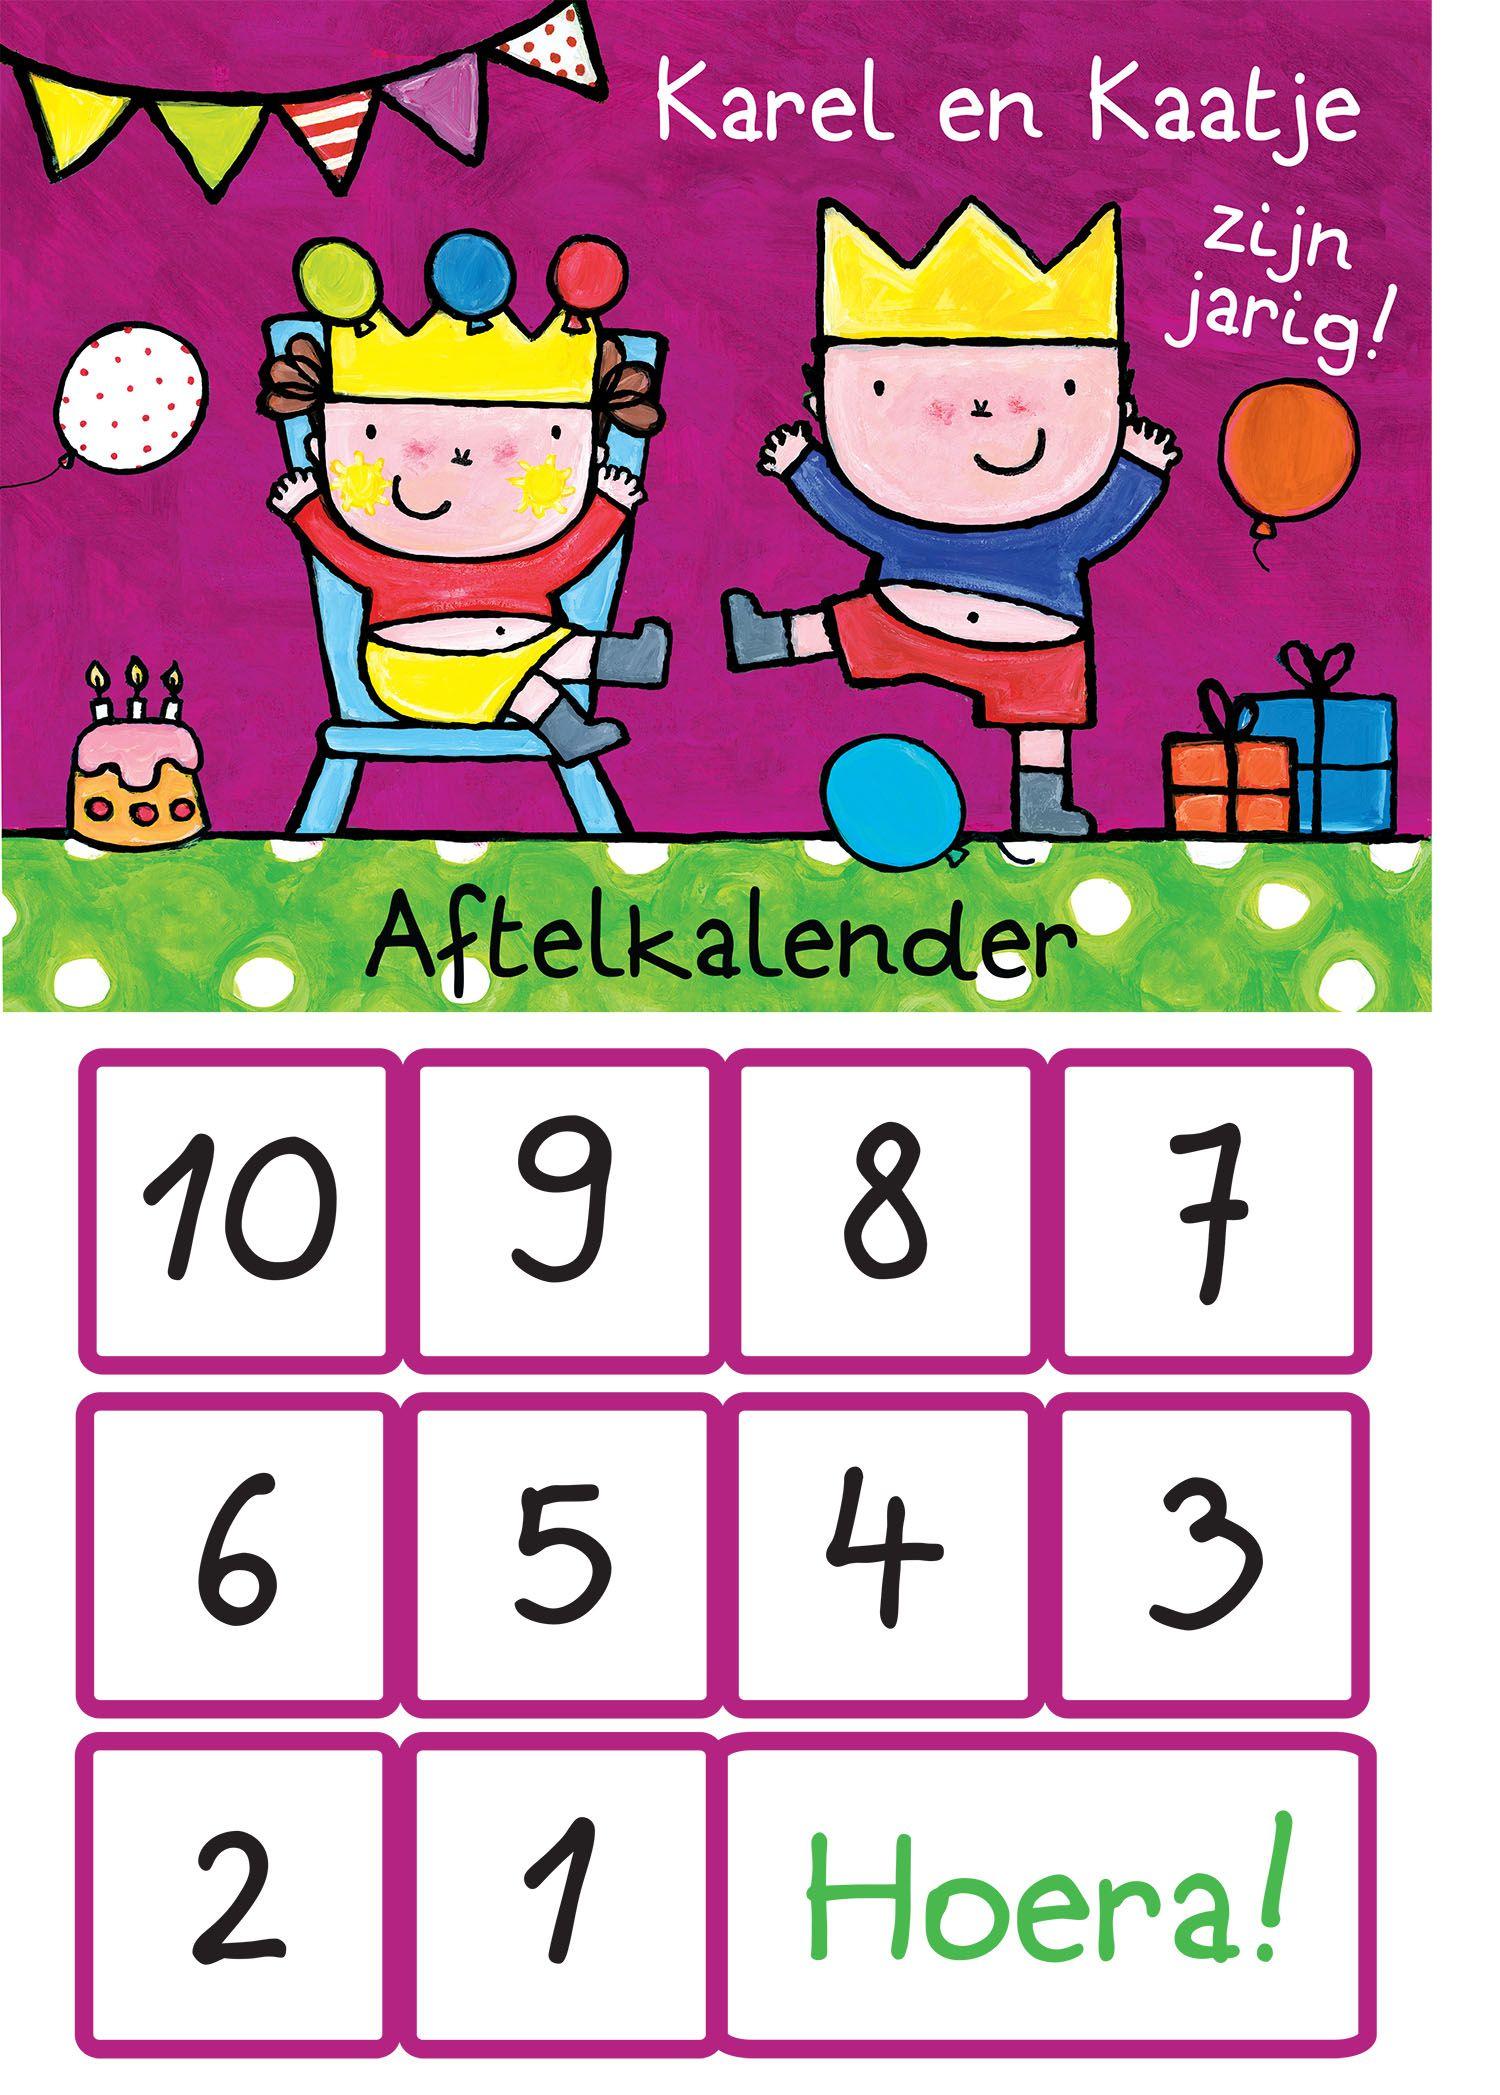 Aftelkalender Voor Verjaardag Met Illustraties Van Liesbet Slegers Verjaardag Aftelkalender Verjaardag Feest